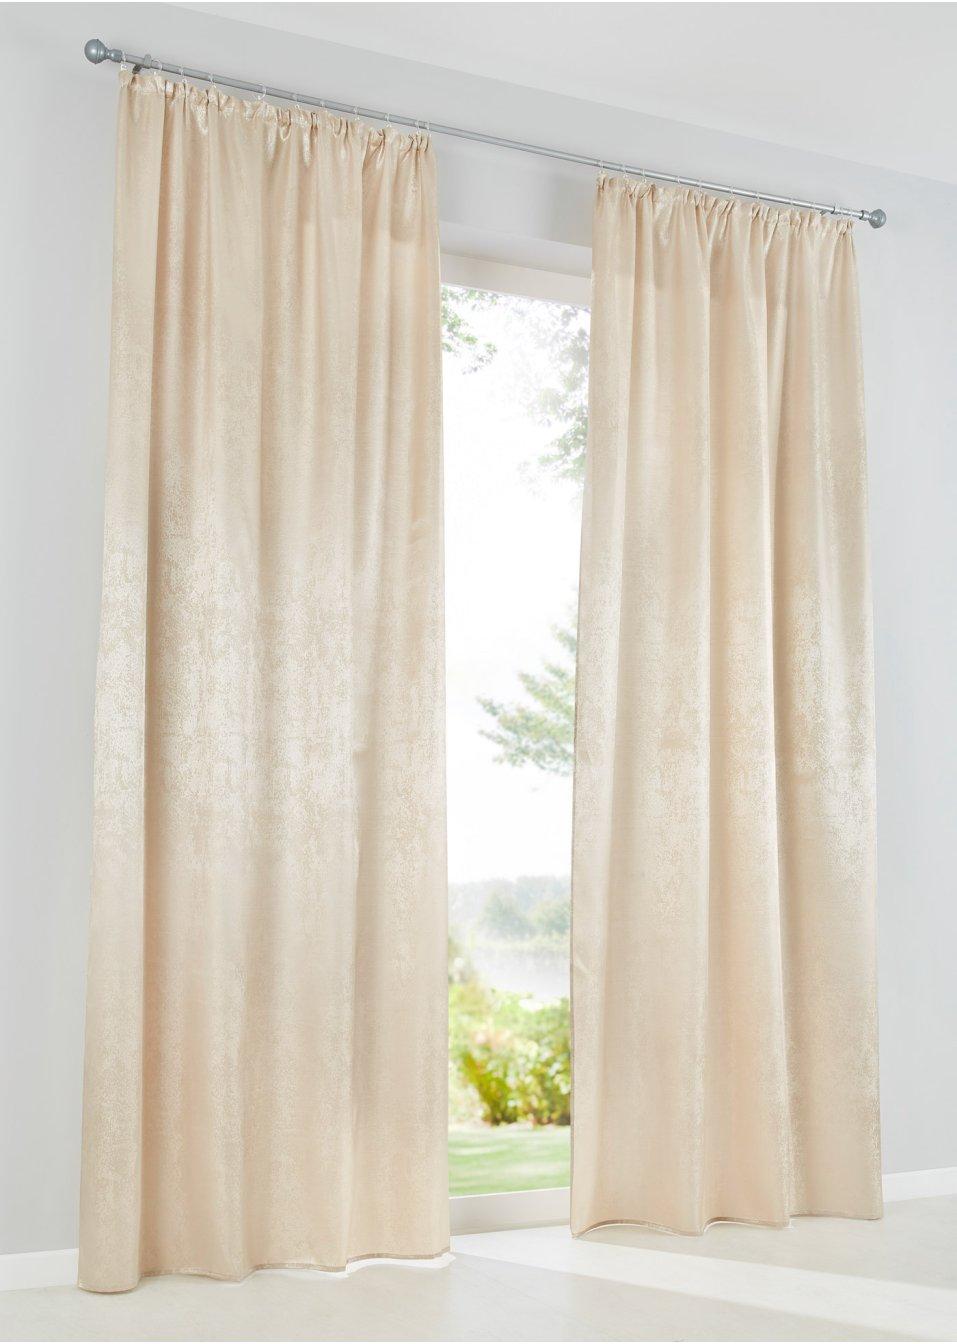 vorhang glanz 1er pack sand bpc living online bestellen. Black Bedroom Furniture Sets. Home Design Ideas